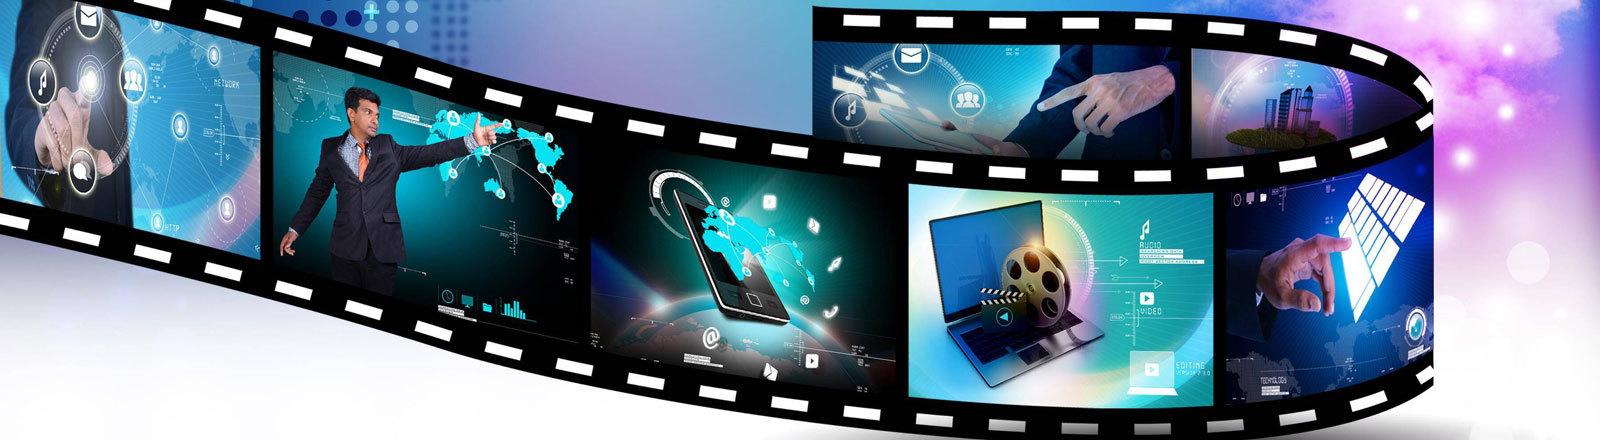 Symbolbild Filmstream: Eine klassische analoge Filmrolle, im Hintergrund Pfeile und Wolken, die den Upload ins Internet symbolisieren sollen.